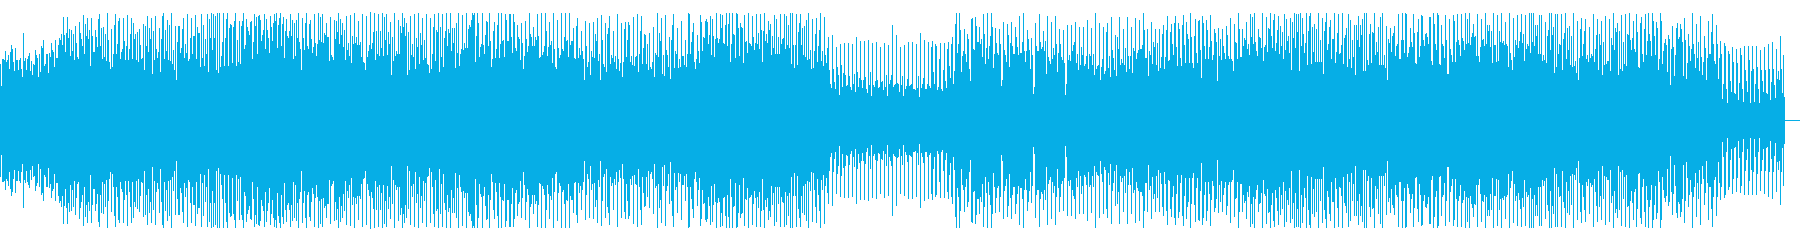 パワフルで疾走感のあるハウス・EDMの再生済みの波形